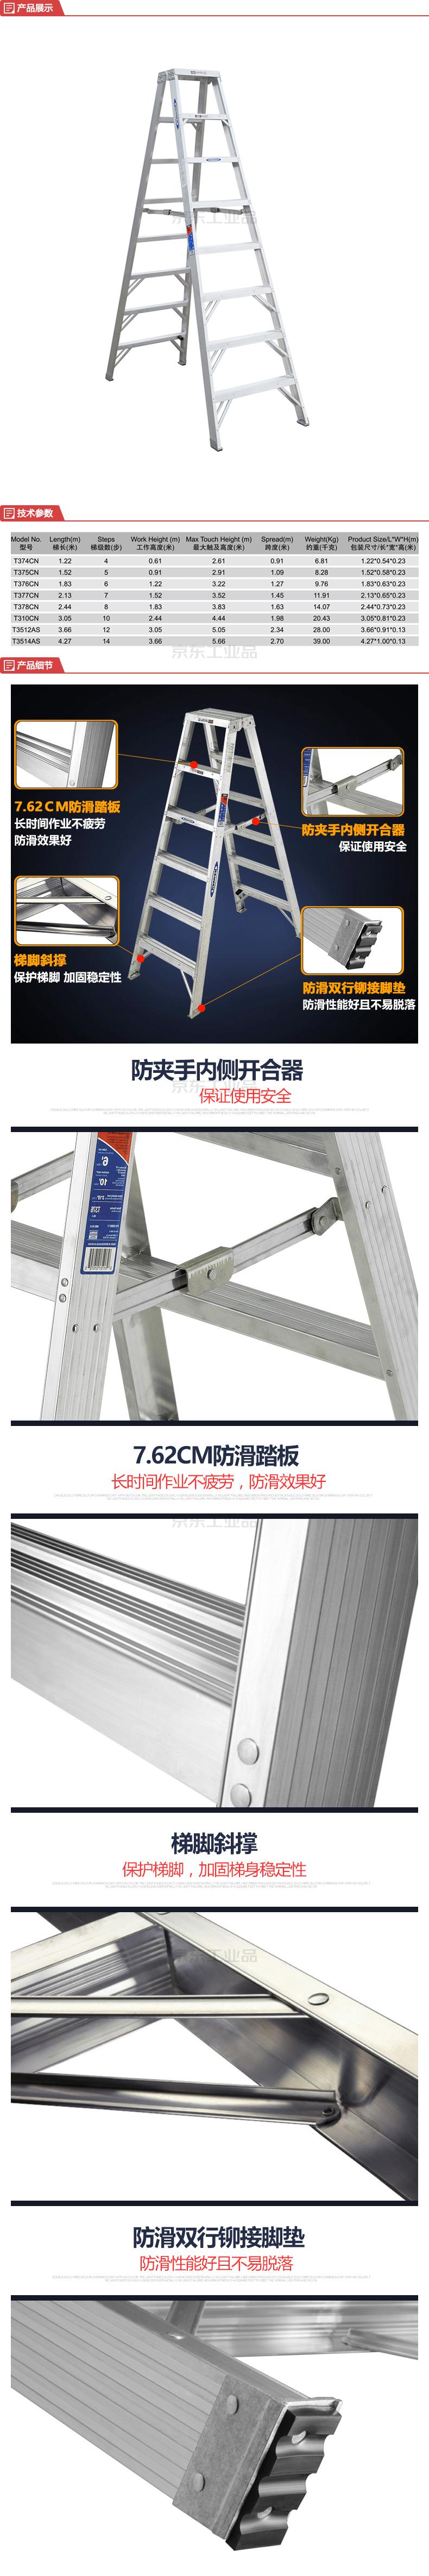 稳耐(WERNER) 铝合金双侧人字梯2.4米;T378CN